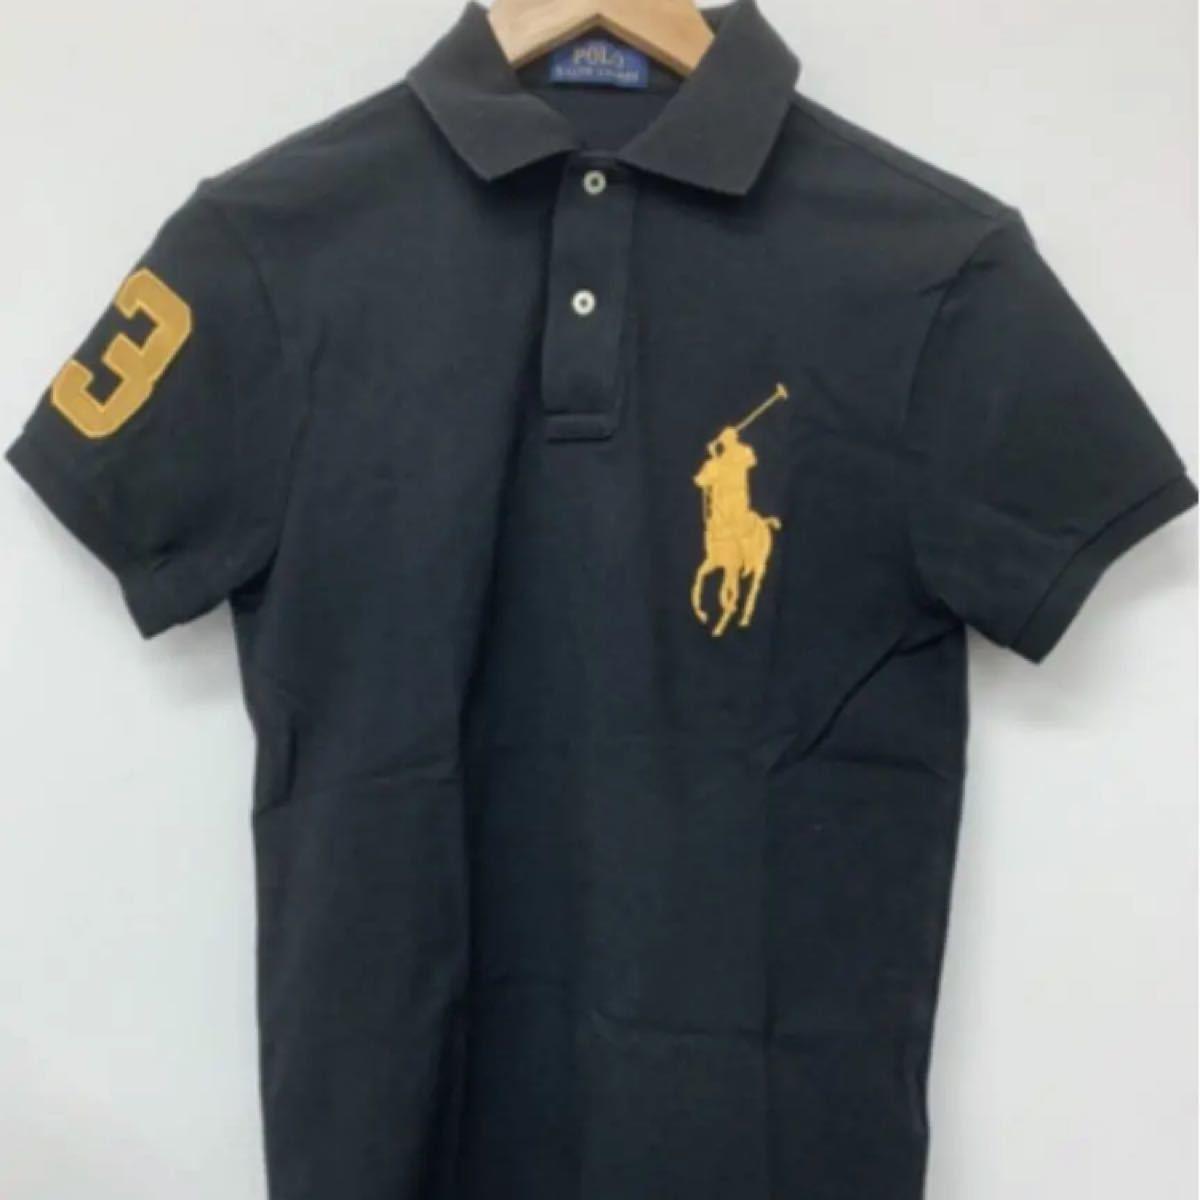 ポロラルフローレン ポロシャツ 黒 ブラック